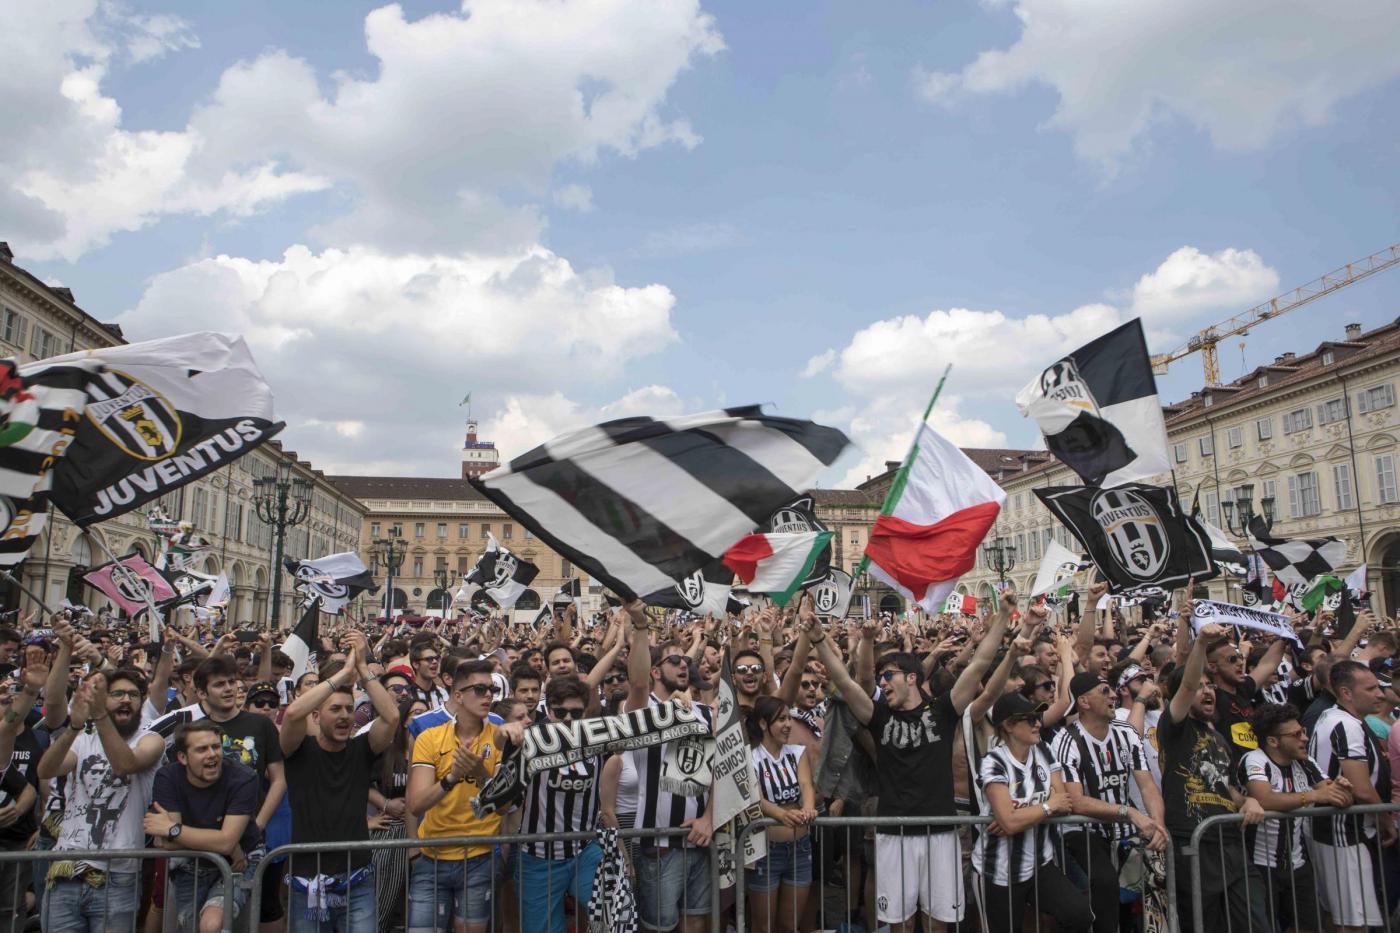 Panico a Torino: oltre 700 feriti nella piazza di Juve-Real